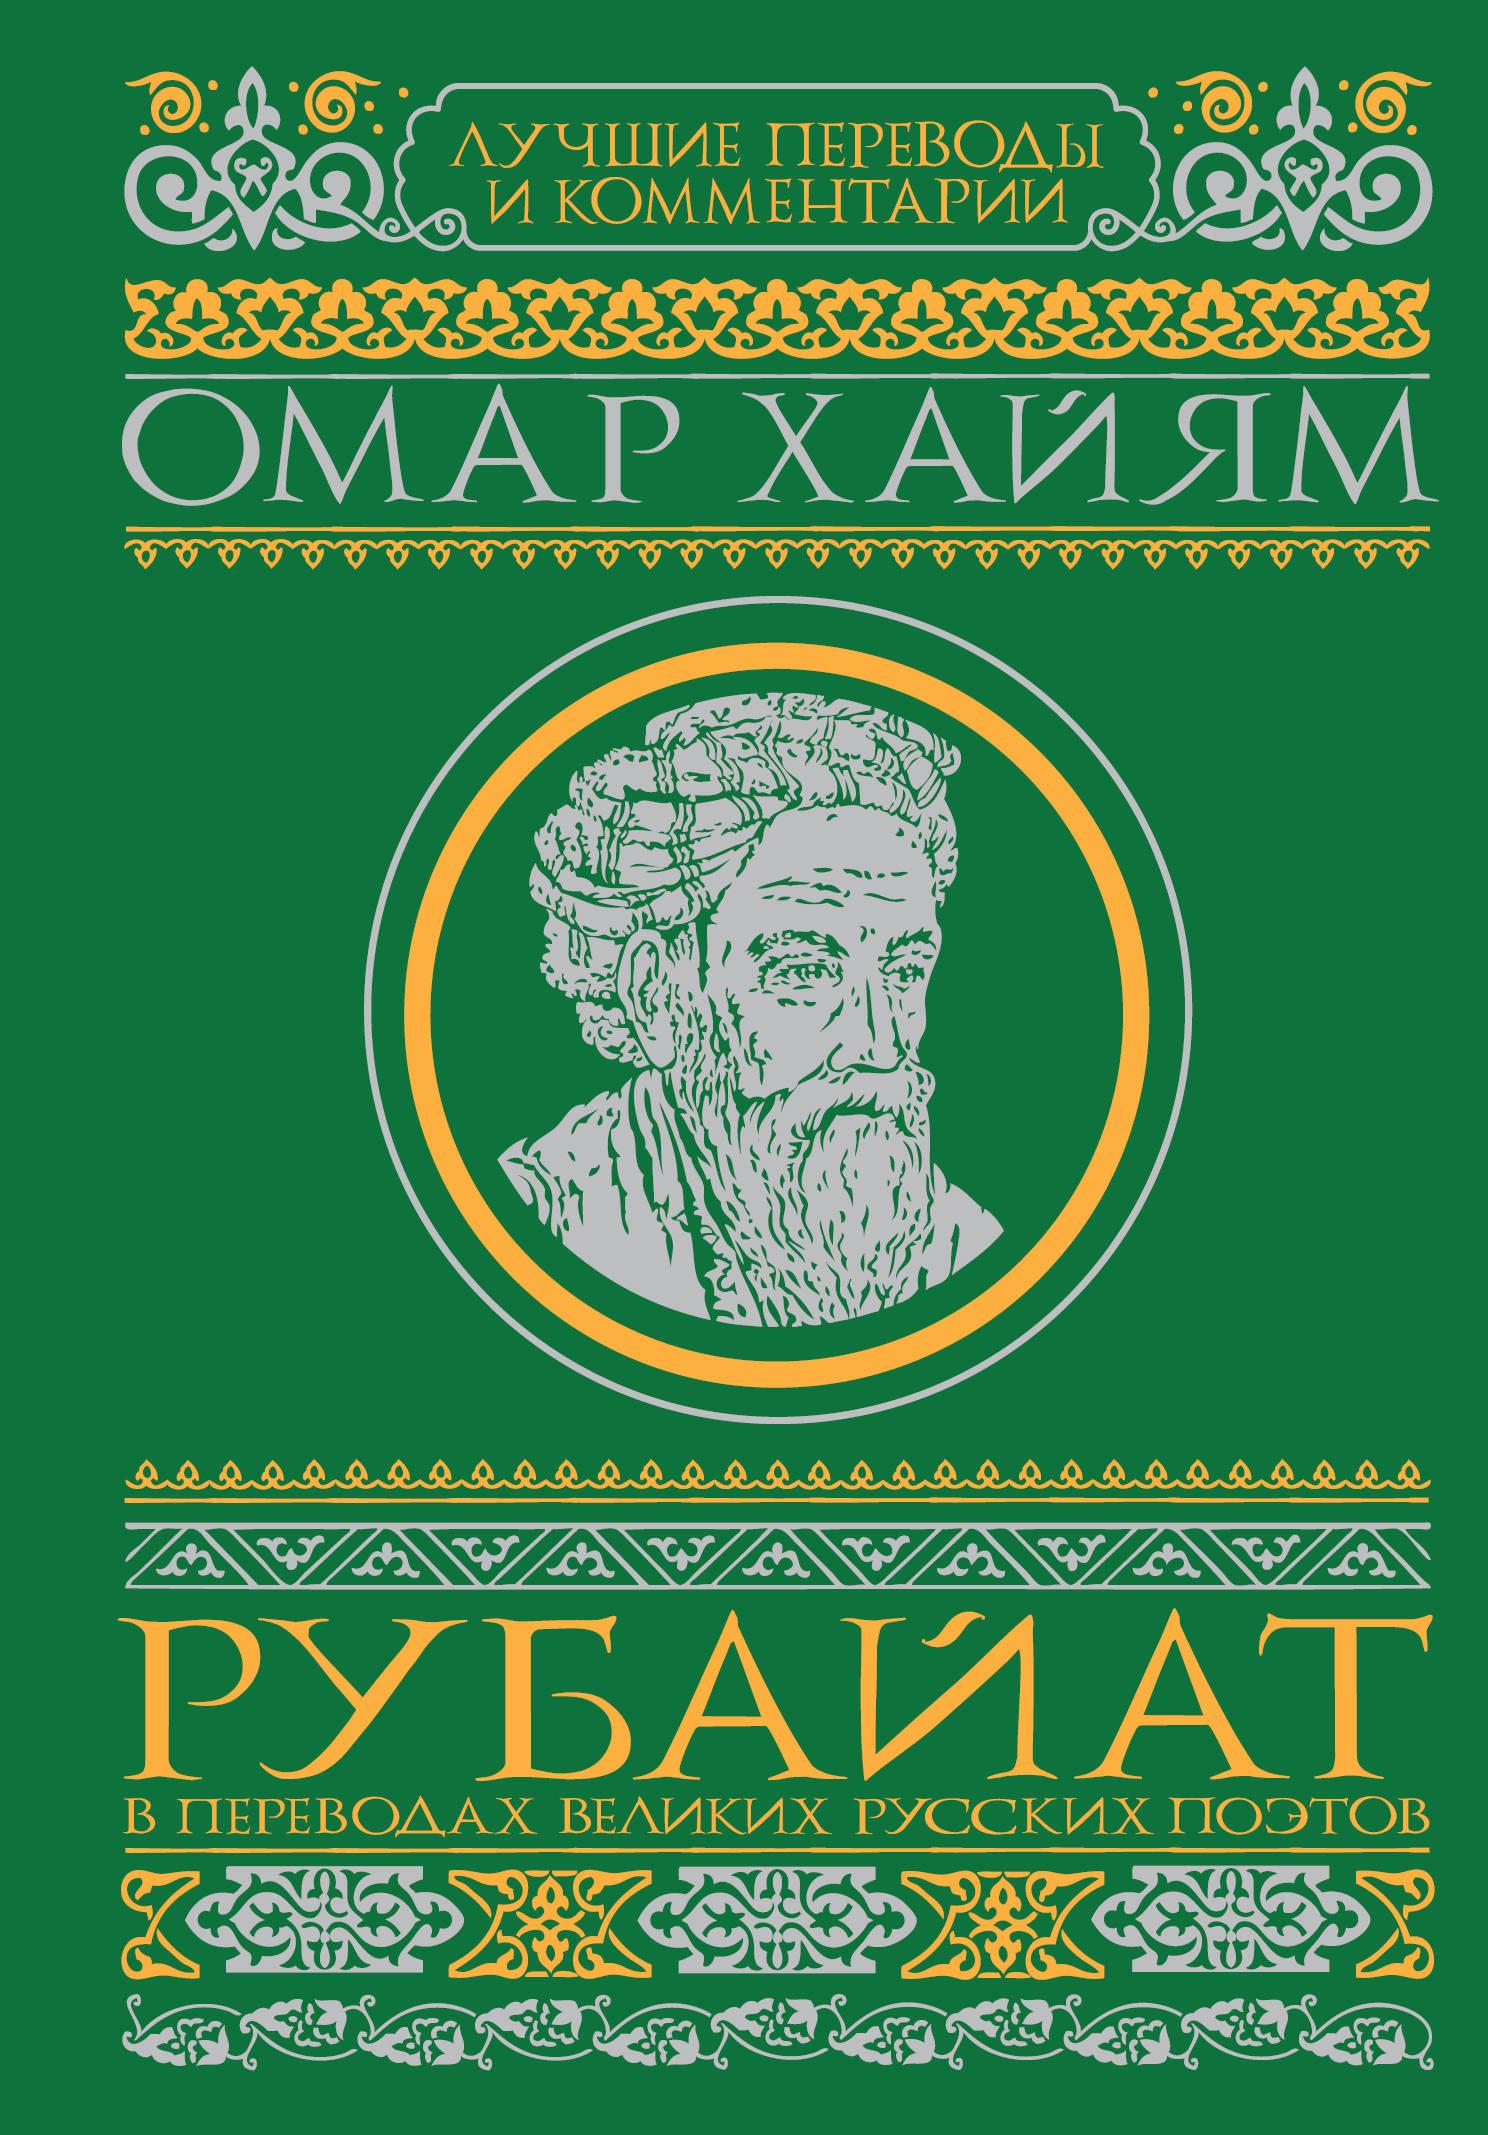 Омар Хайям Рубайат в переводах великих русских поэтов